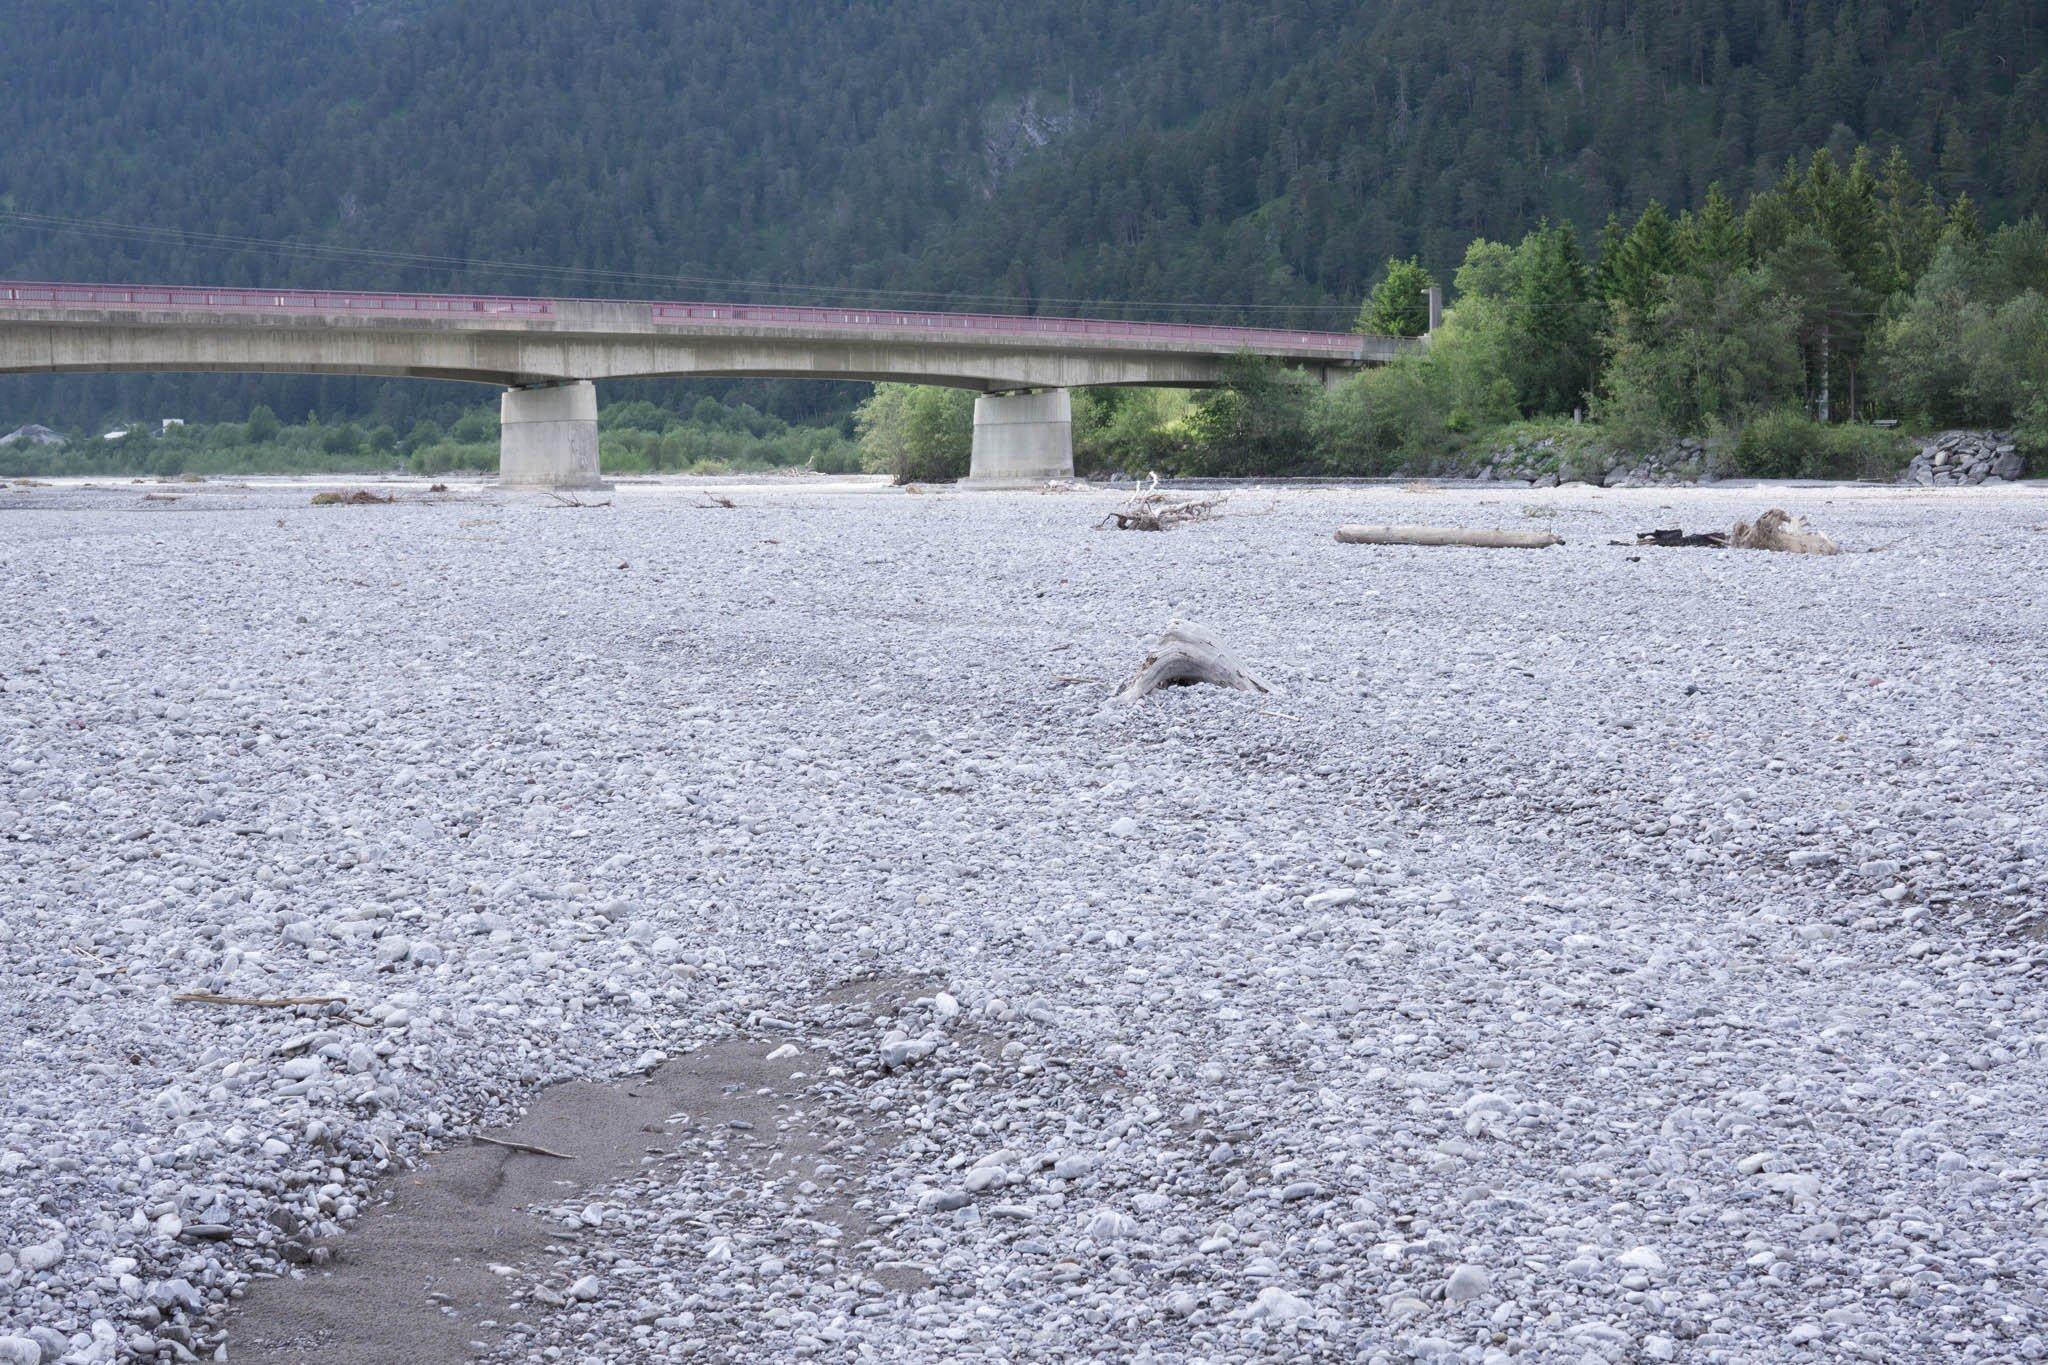 Große Schotterfläche mit Totholz, dahinter die Brücke.